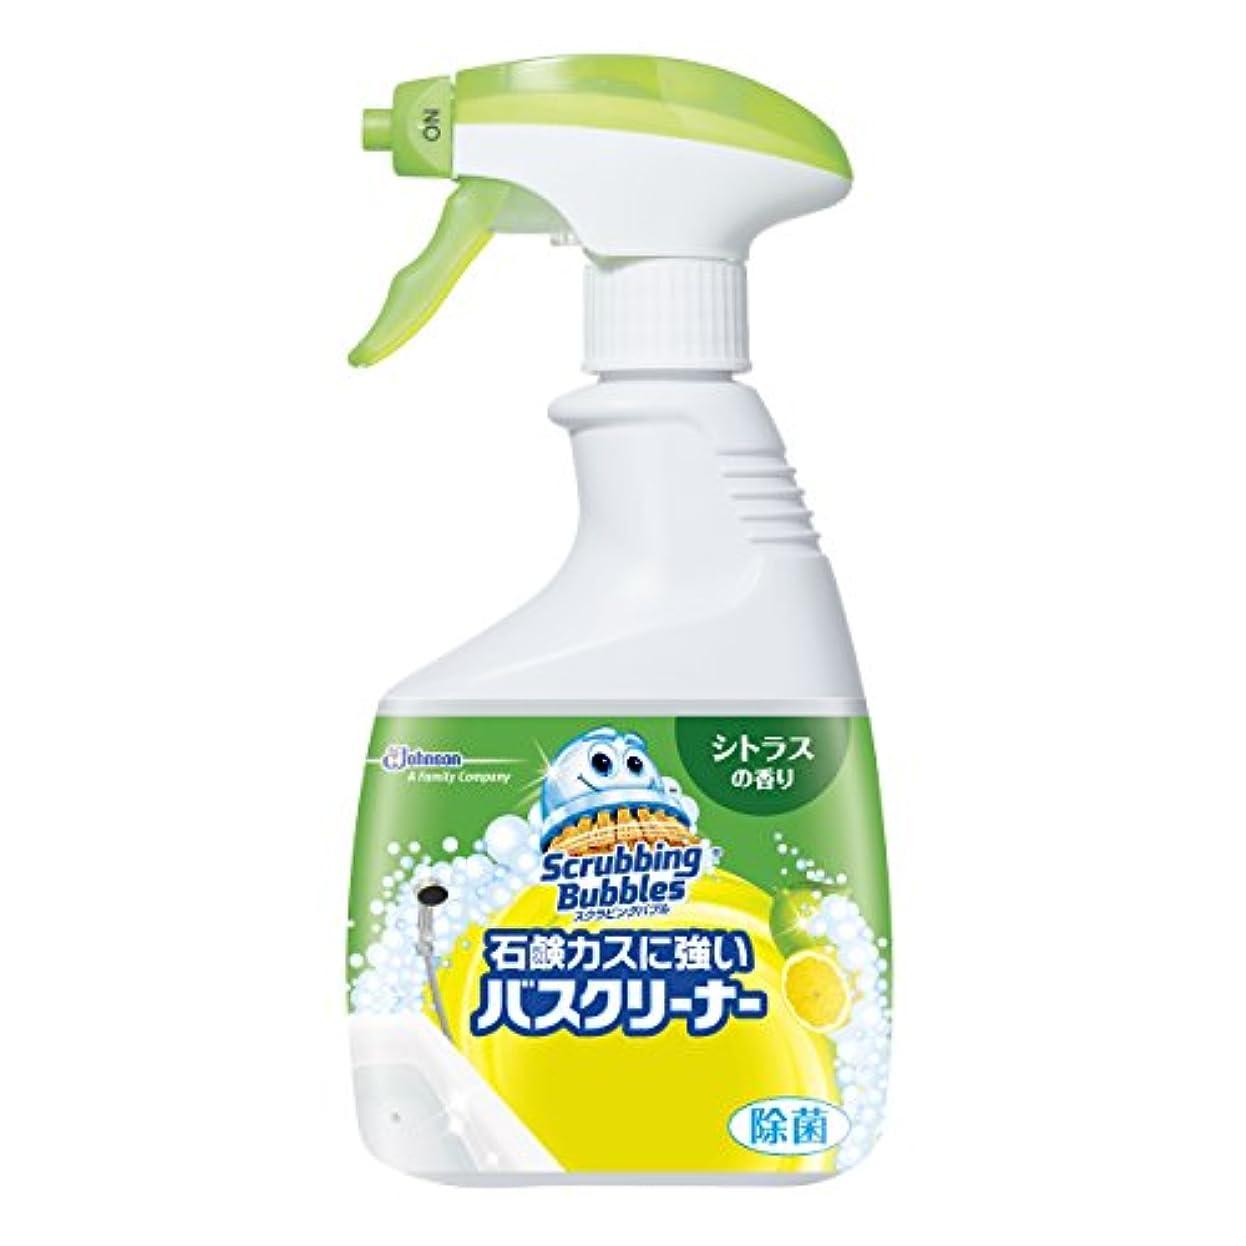 確立します対処する感じるスクラビングバブル 石鹸カスに強いバスクリーナー シトラスの香り 本体 400mL